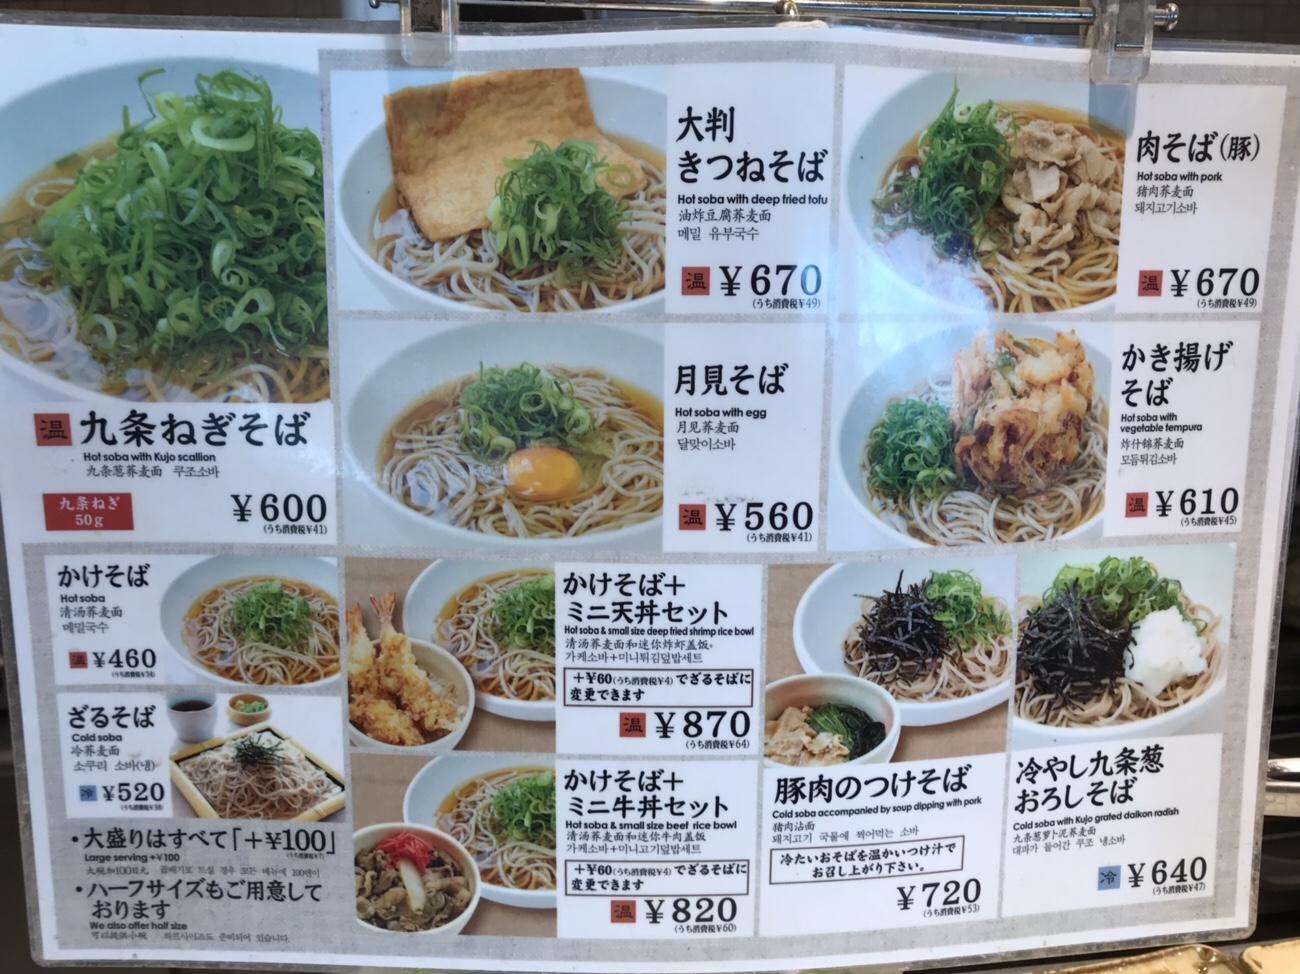 羽田空港蕎麦屋 第2旅客ターミナルグルメ